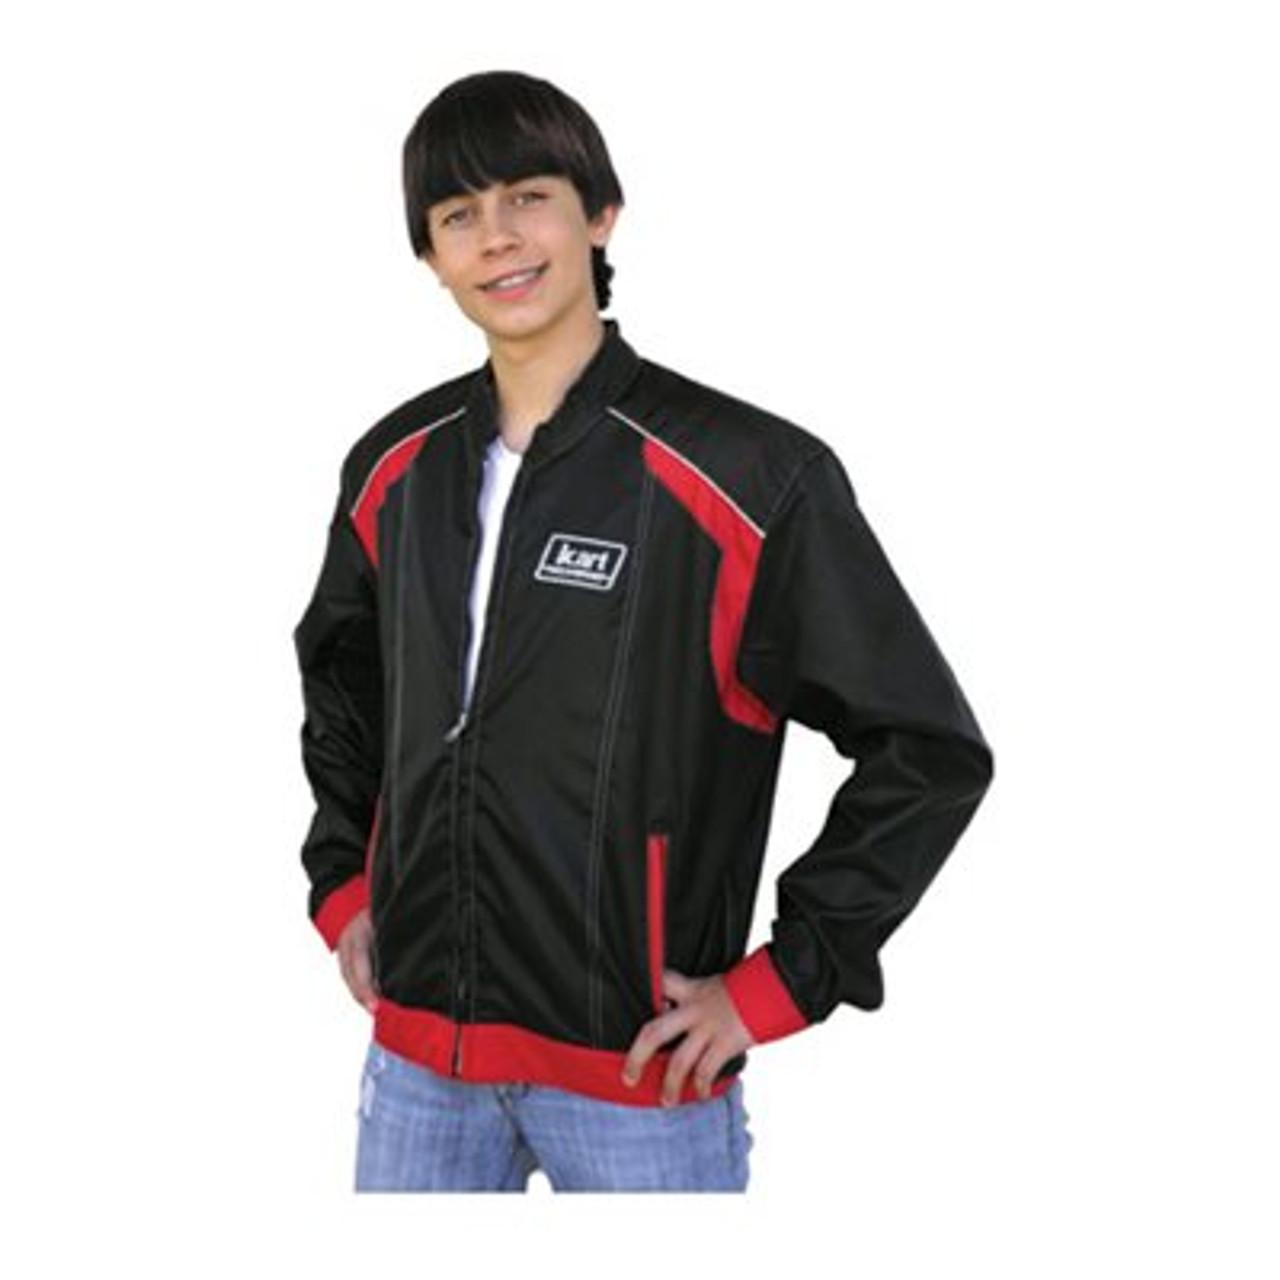 Kart Racewear karting jacket, youth X-large